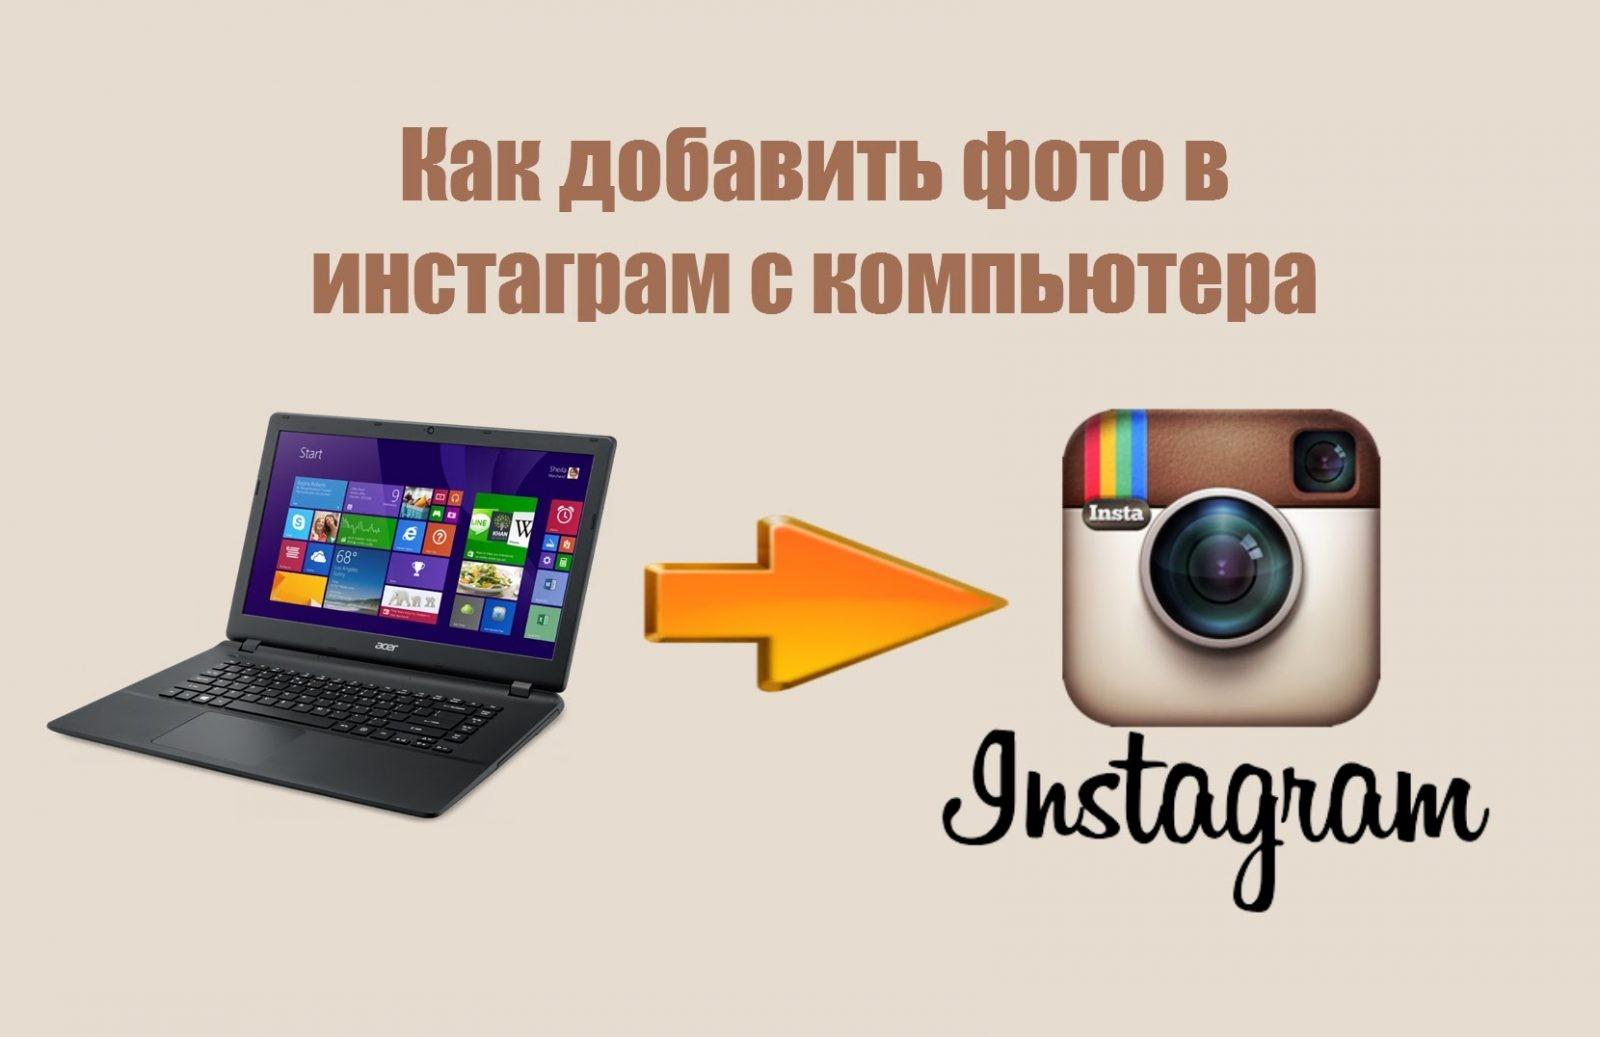 Как добавить фото или видео в Инстаграм с компьютера